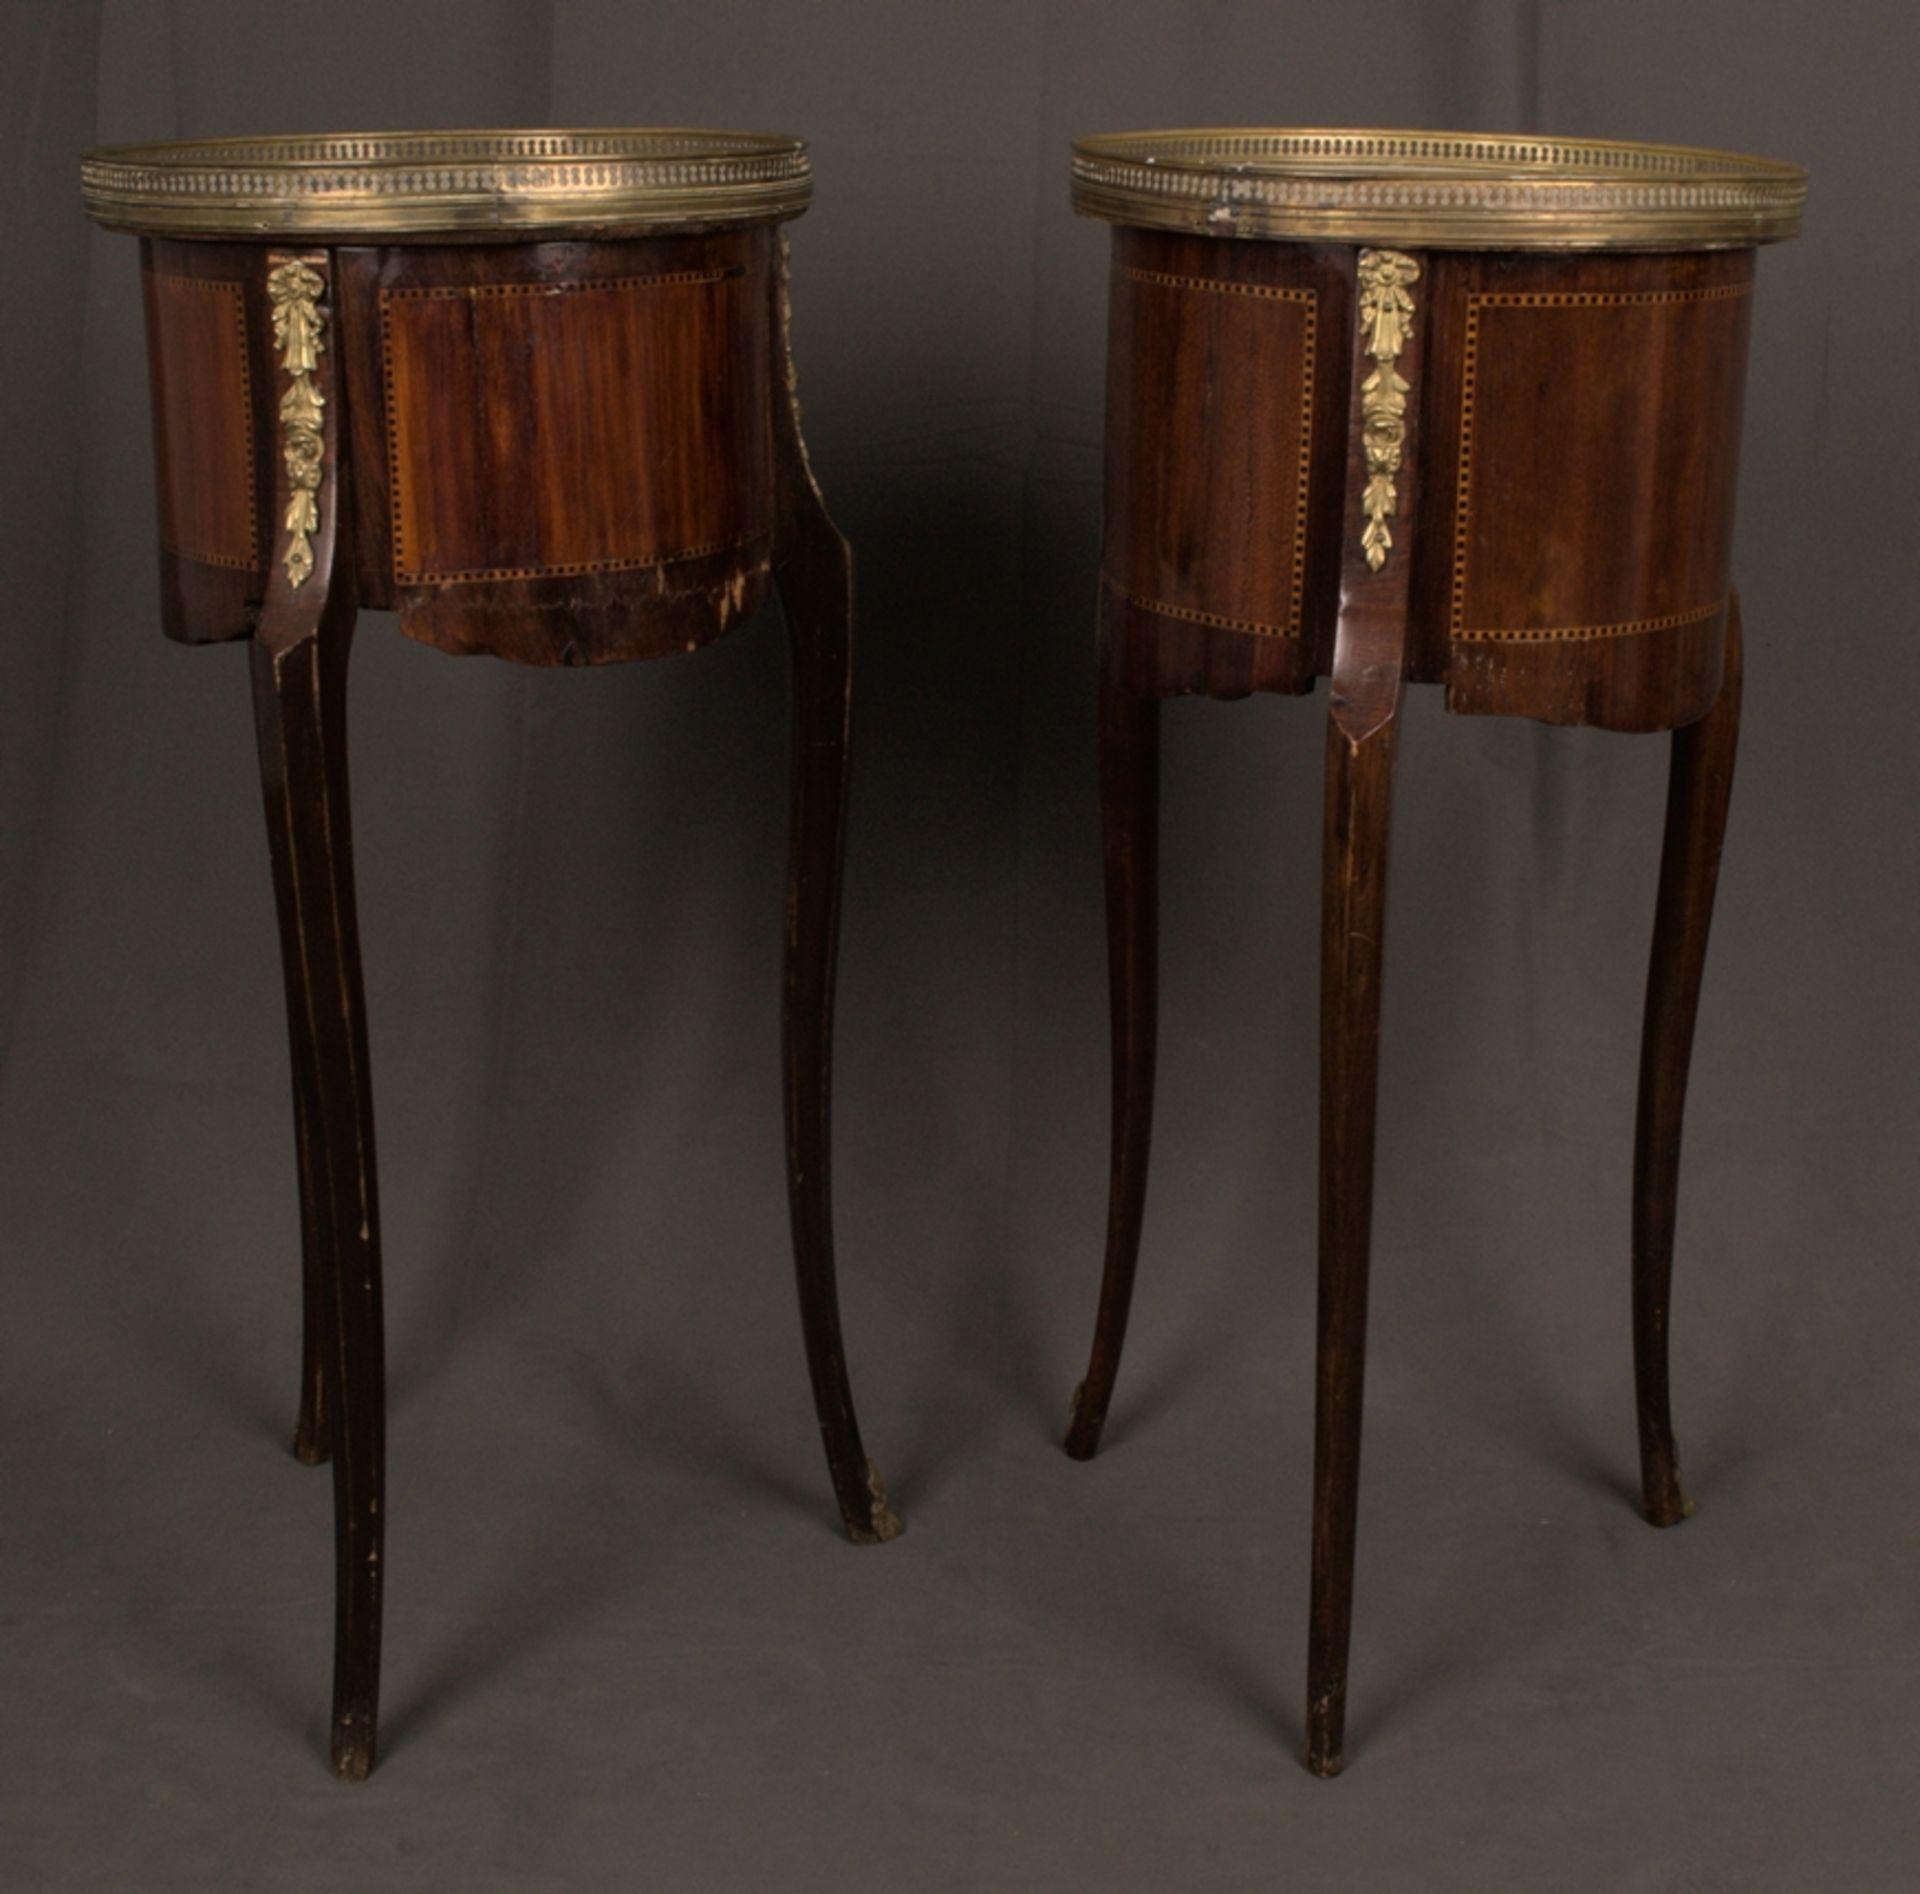 Paar eleganter, dreibeiniger Beistelltische sog. Gueridons, Frankreich 19./20. Jhd. Eintüriger - Bild 16 aus 19